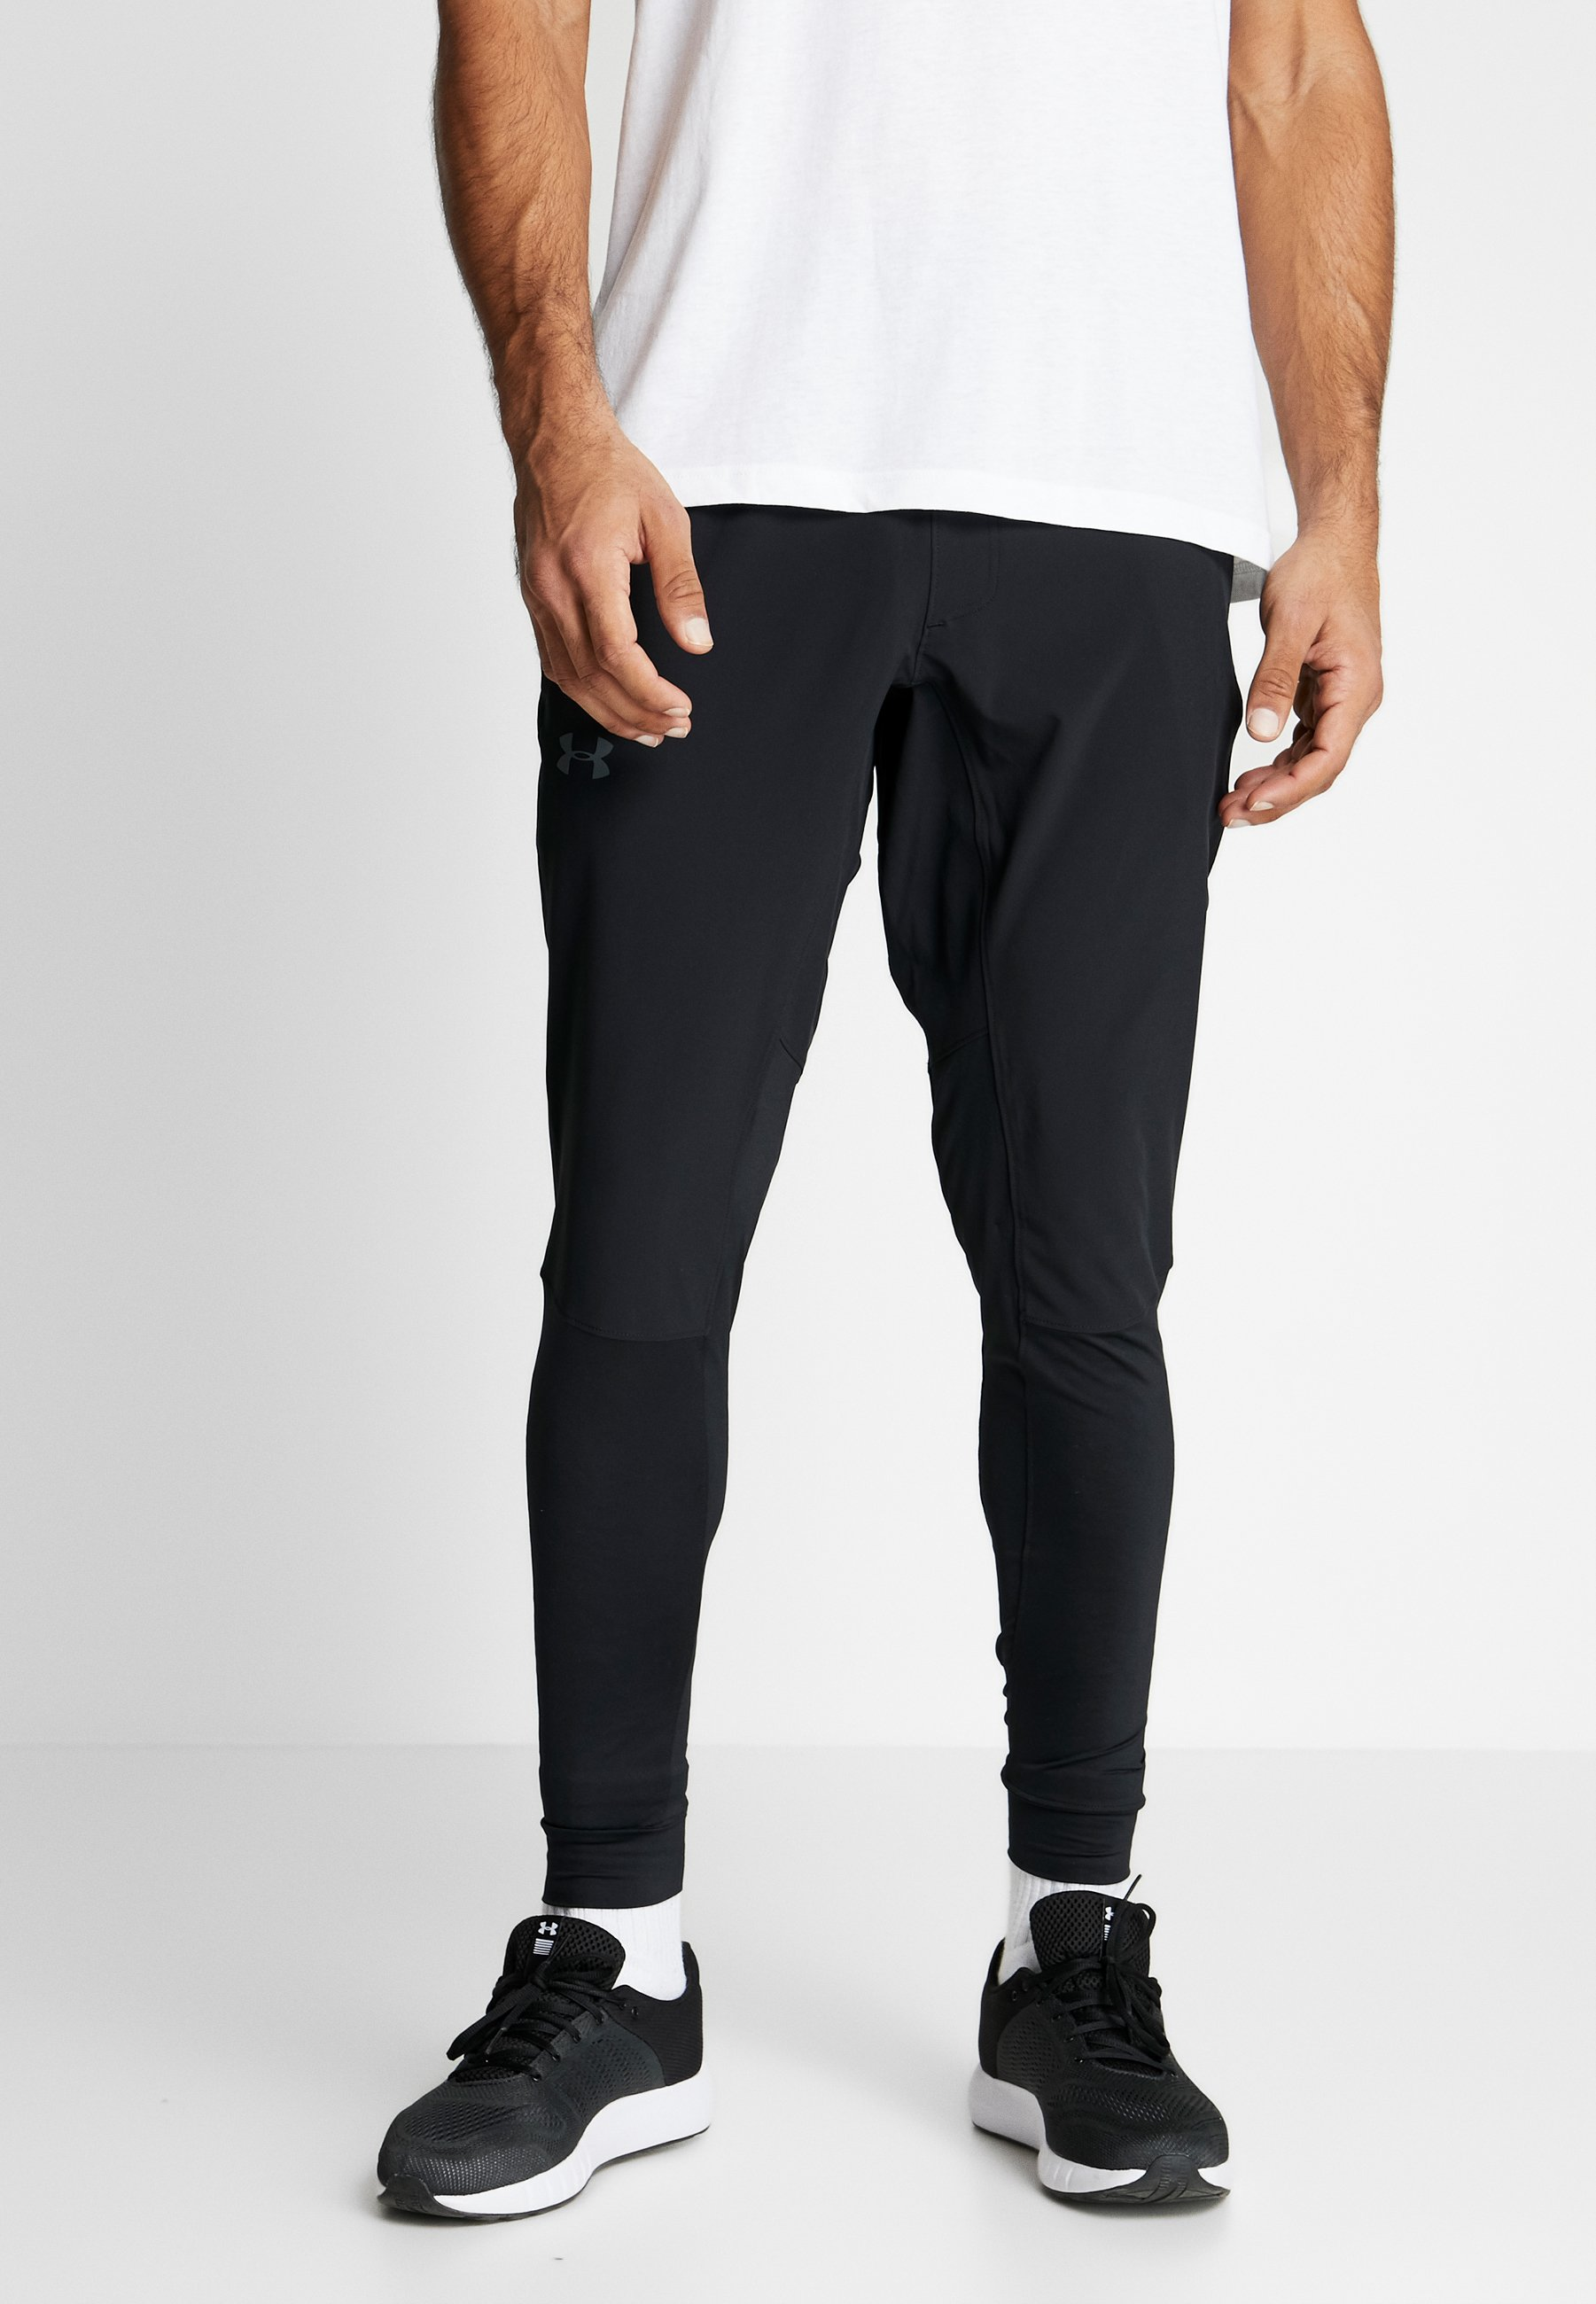 Acera licencia Manifestación  Under Armour HYBRID - Pantalones deportivos - black/pitch gray/negro -  Zalando.es